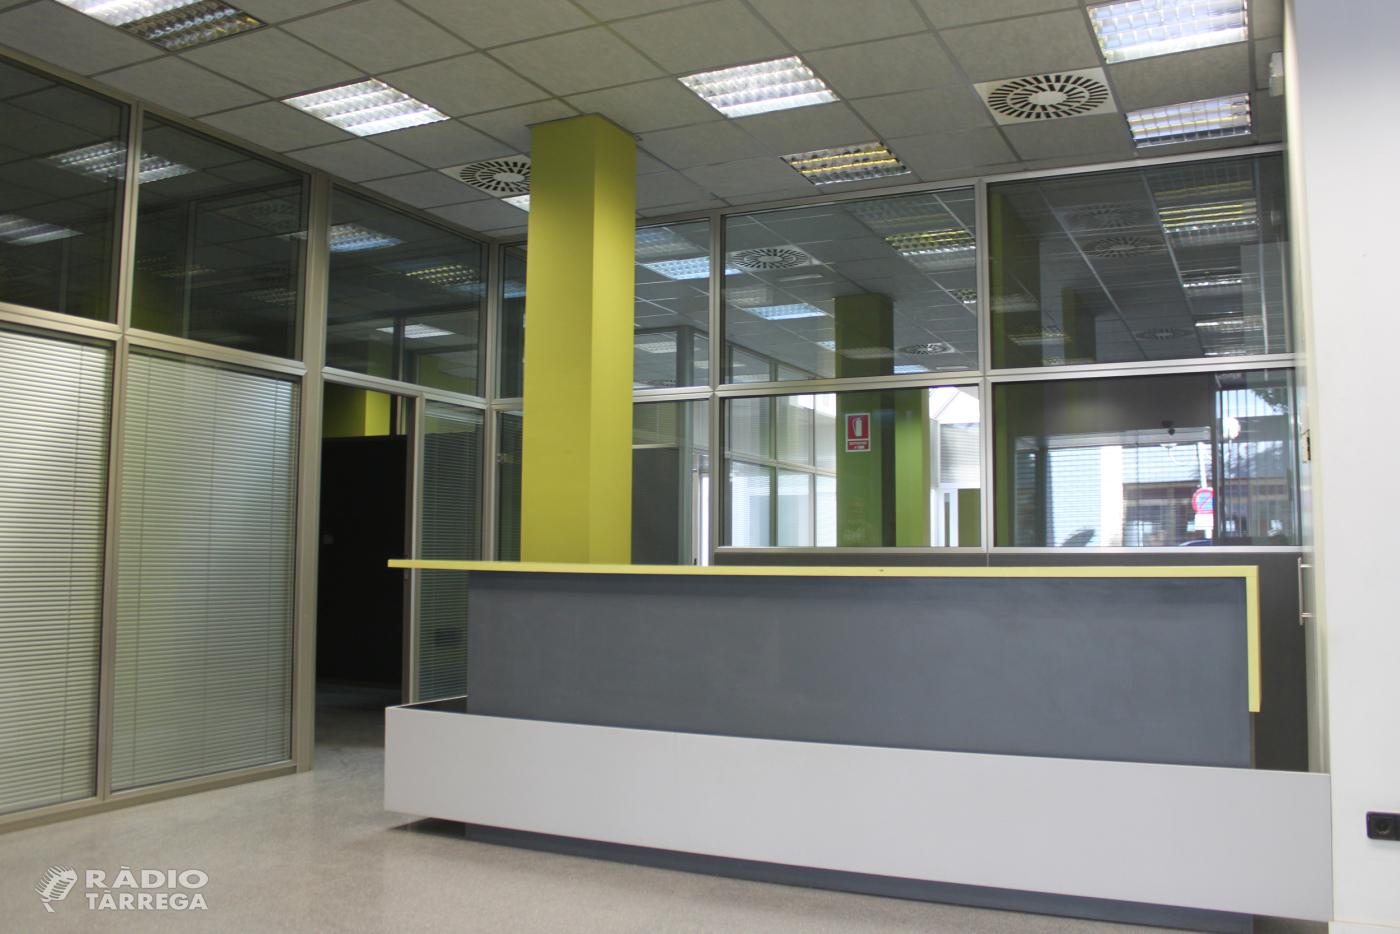 L'Ajuntament de Tàrrega obrirà una nova oficina d'atenció ciutadana dedicada a serveis socials